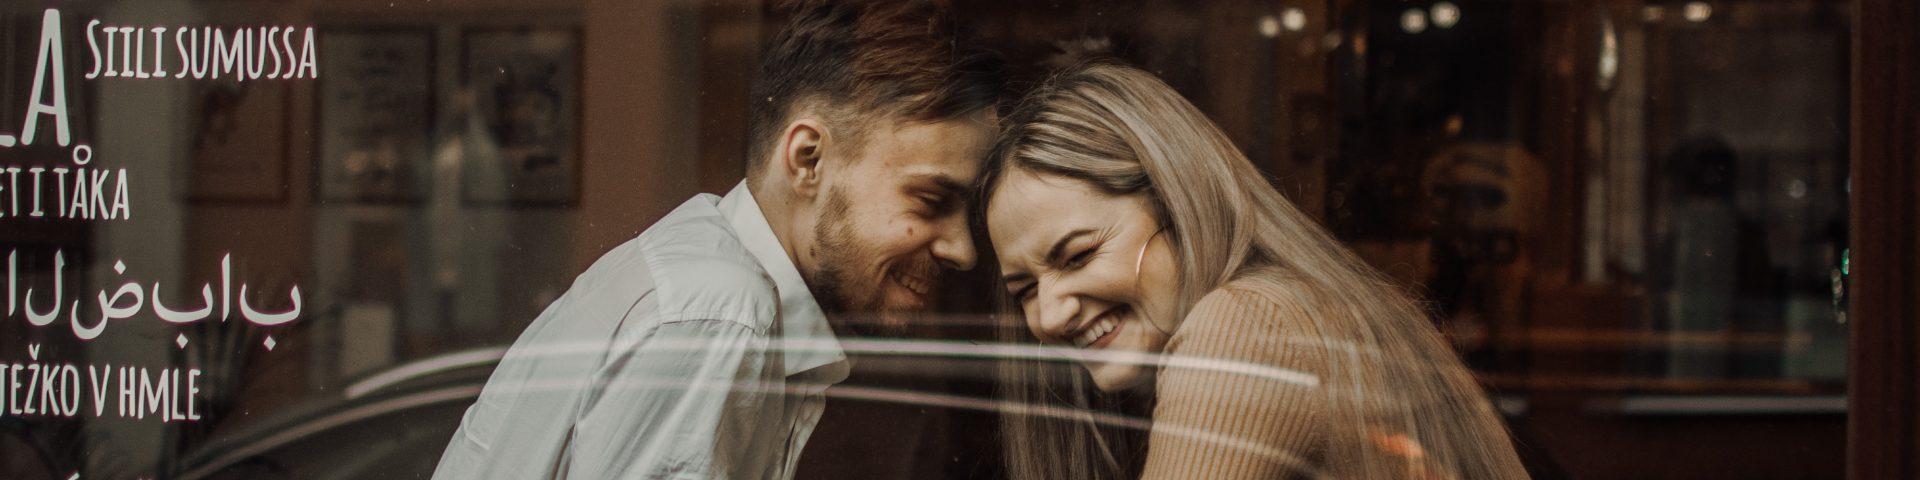 7 Arten, das Meiste aus der 'Kennenlernphase' der Beziehung herauszuholen